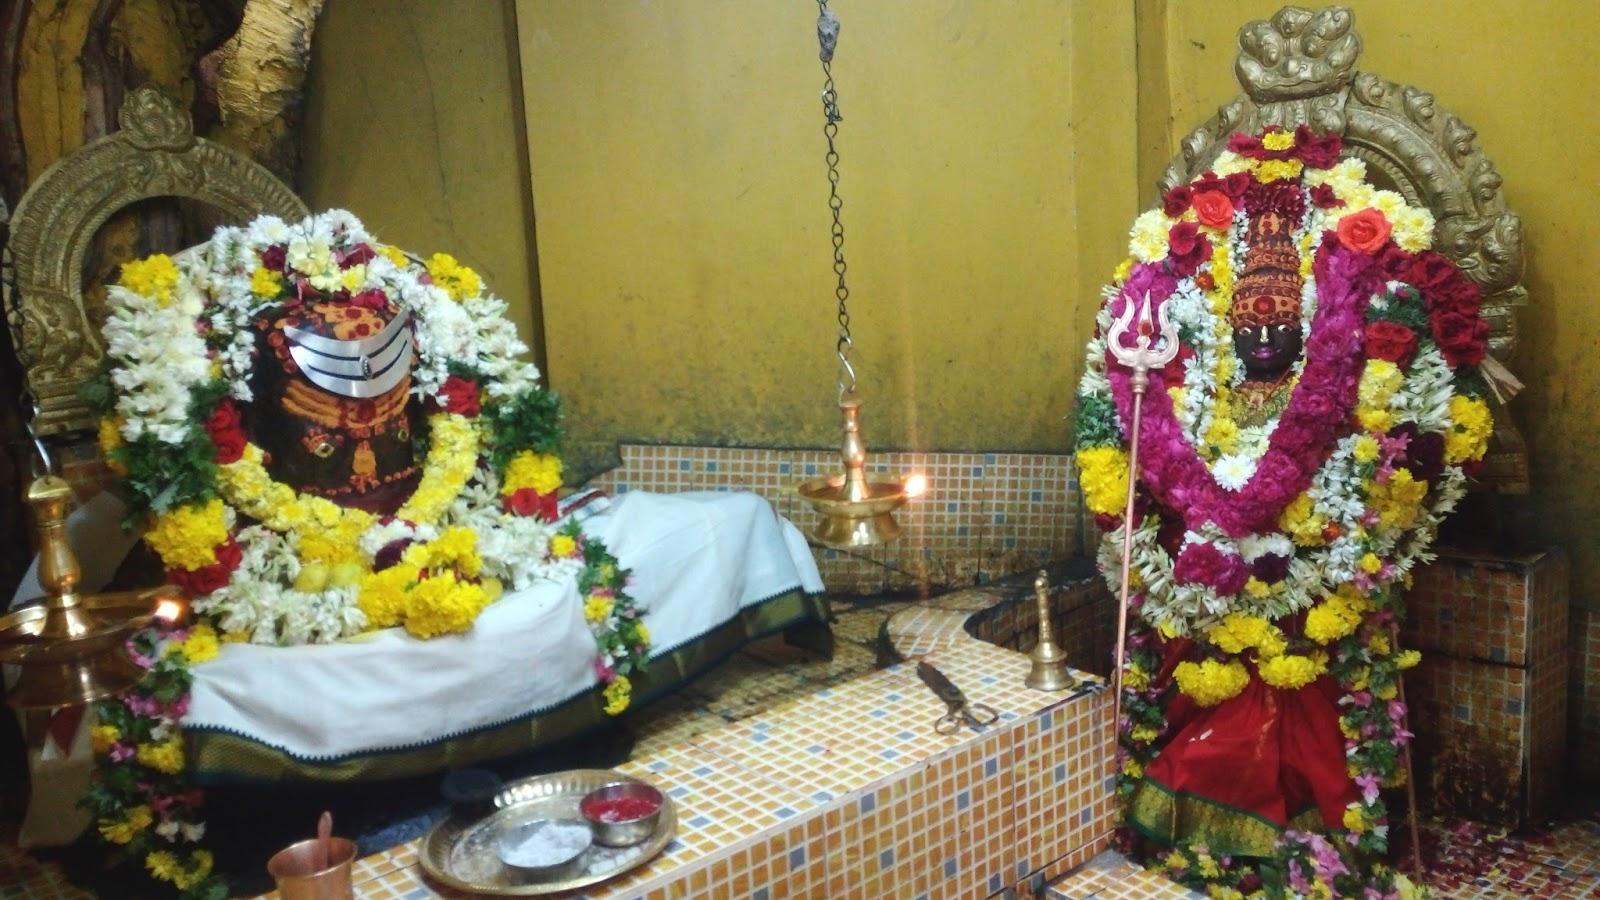 ஸ்ரீ அகத்தீஸ்வரர் ,ஸ்ரீ அகிலாண்டீஸ்வரி ஸ்தல வரலாறு பட்டுக்கோட்டை